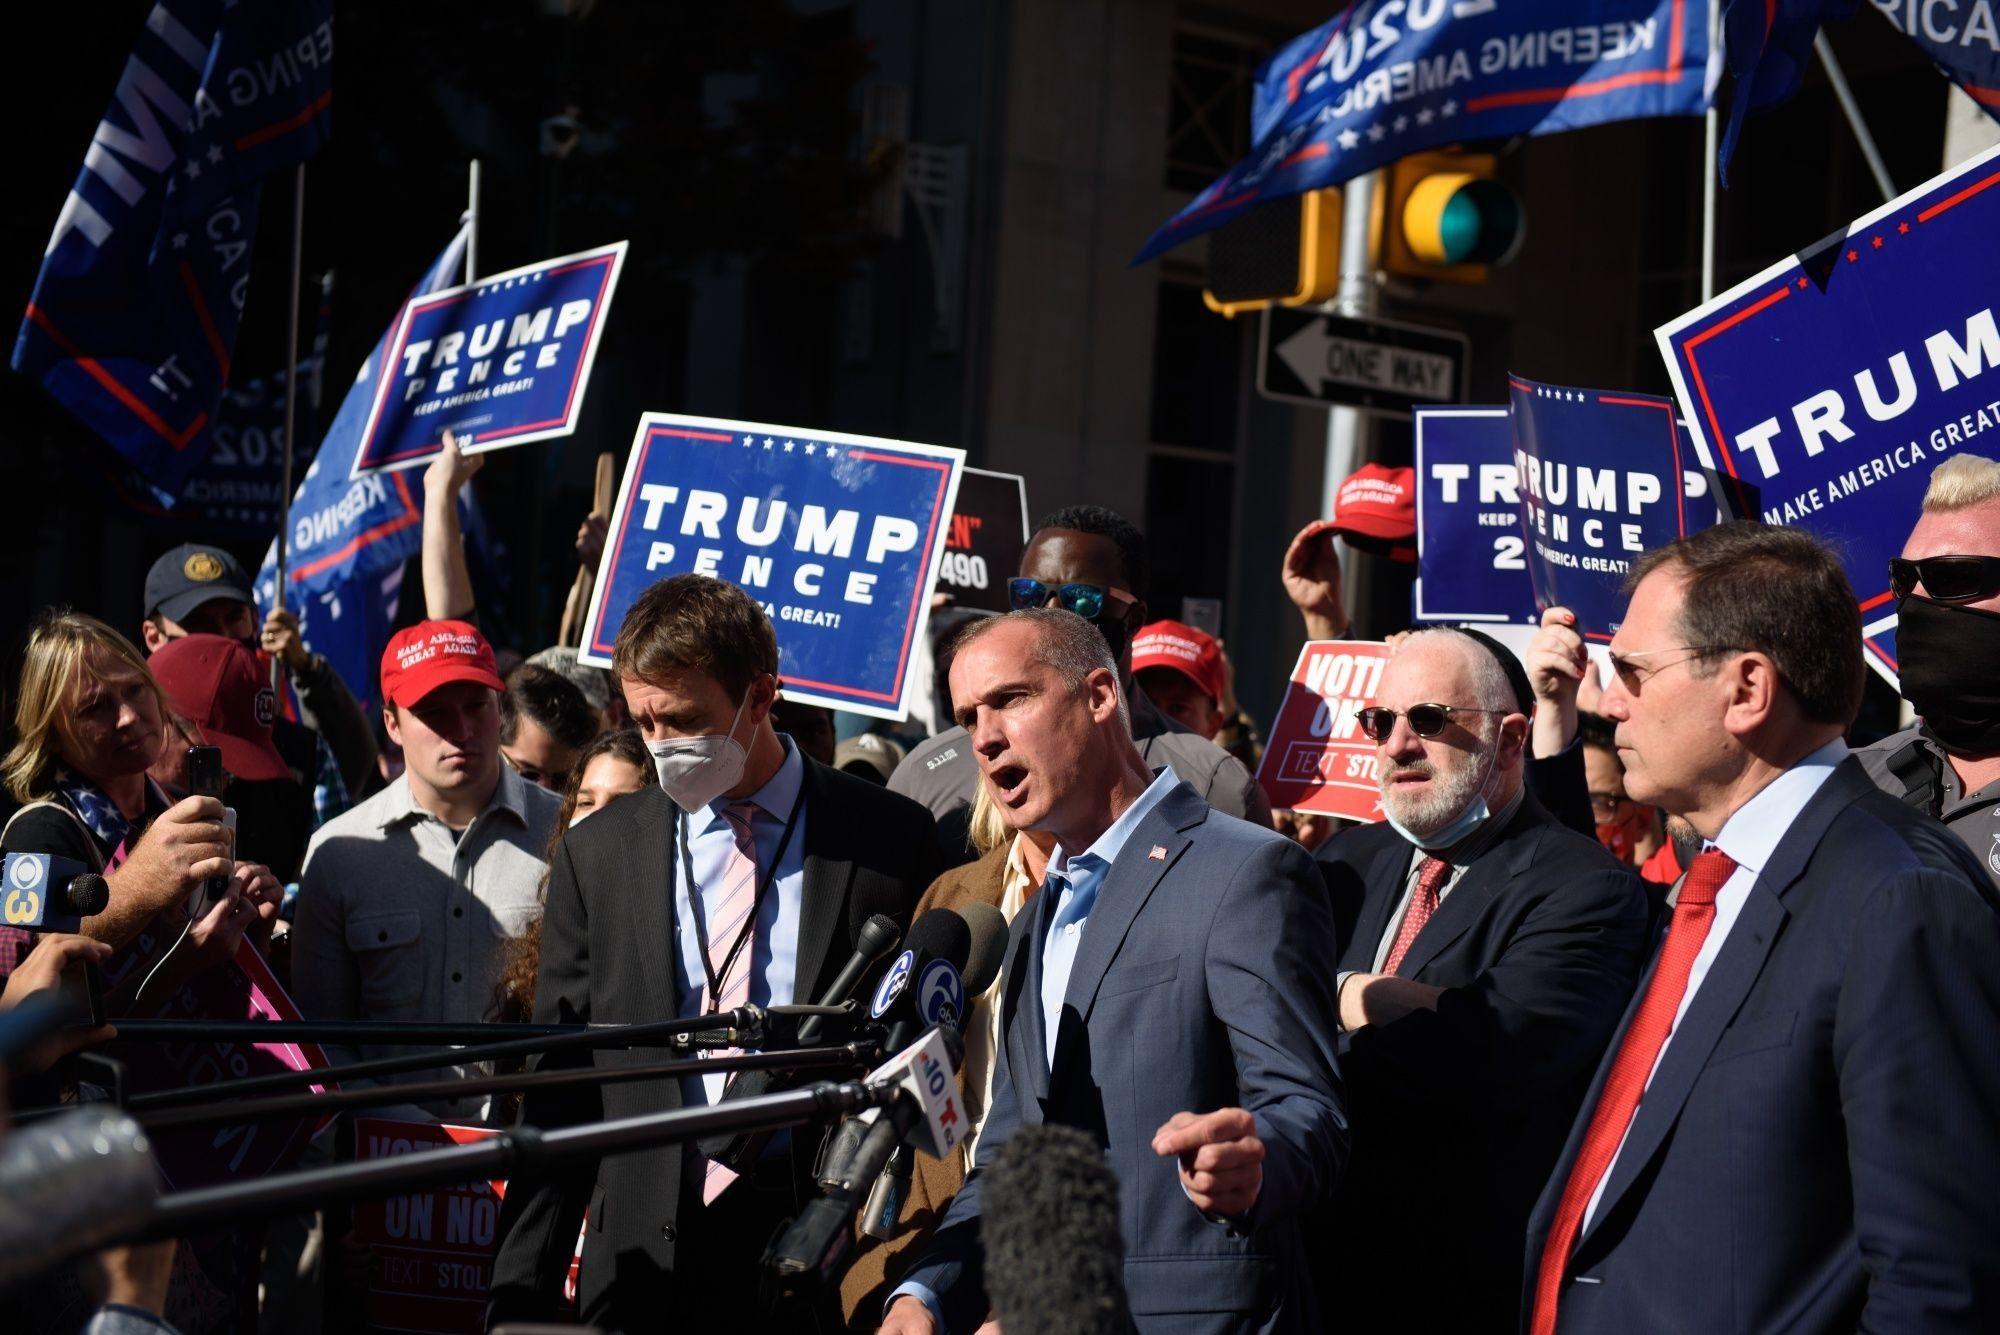 Trump Campaign Sues Over Pennsylvania Vote Count